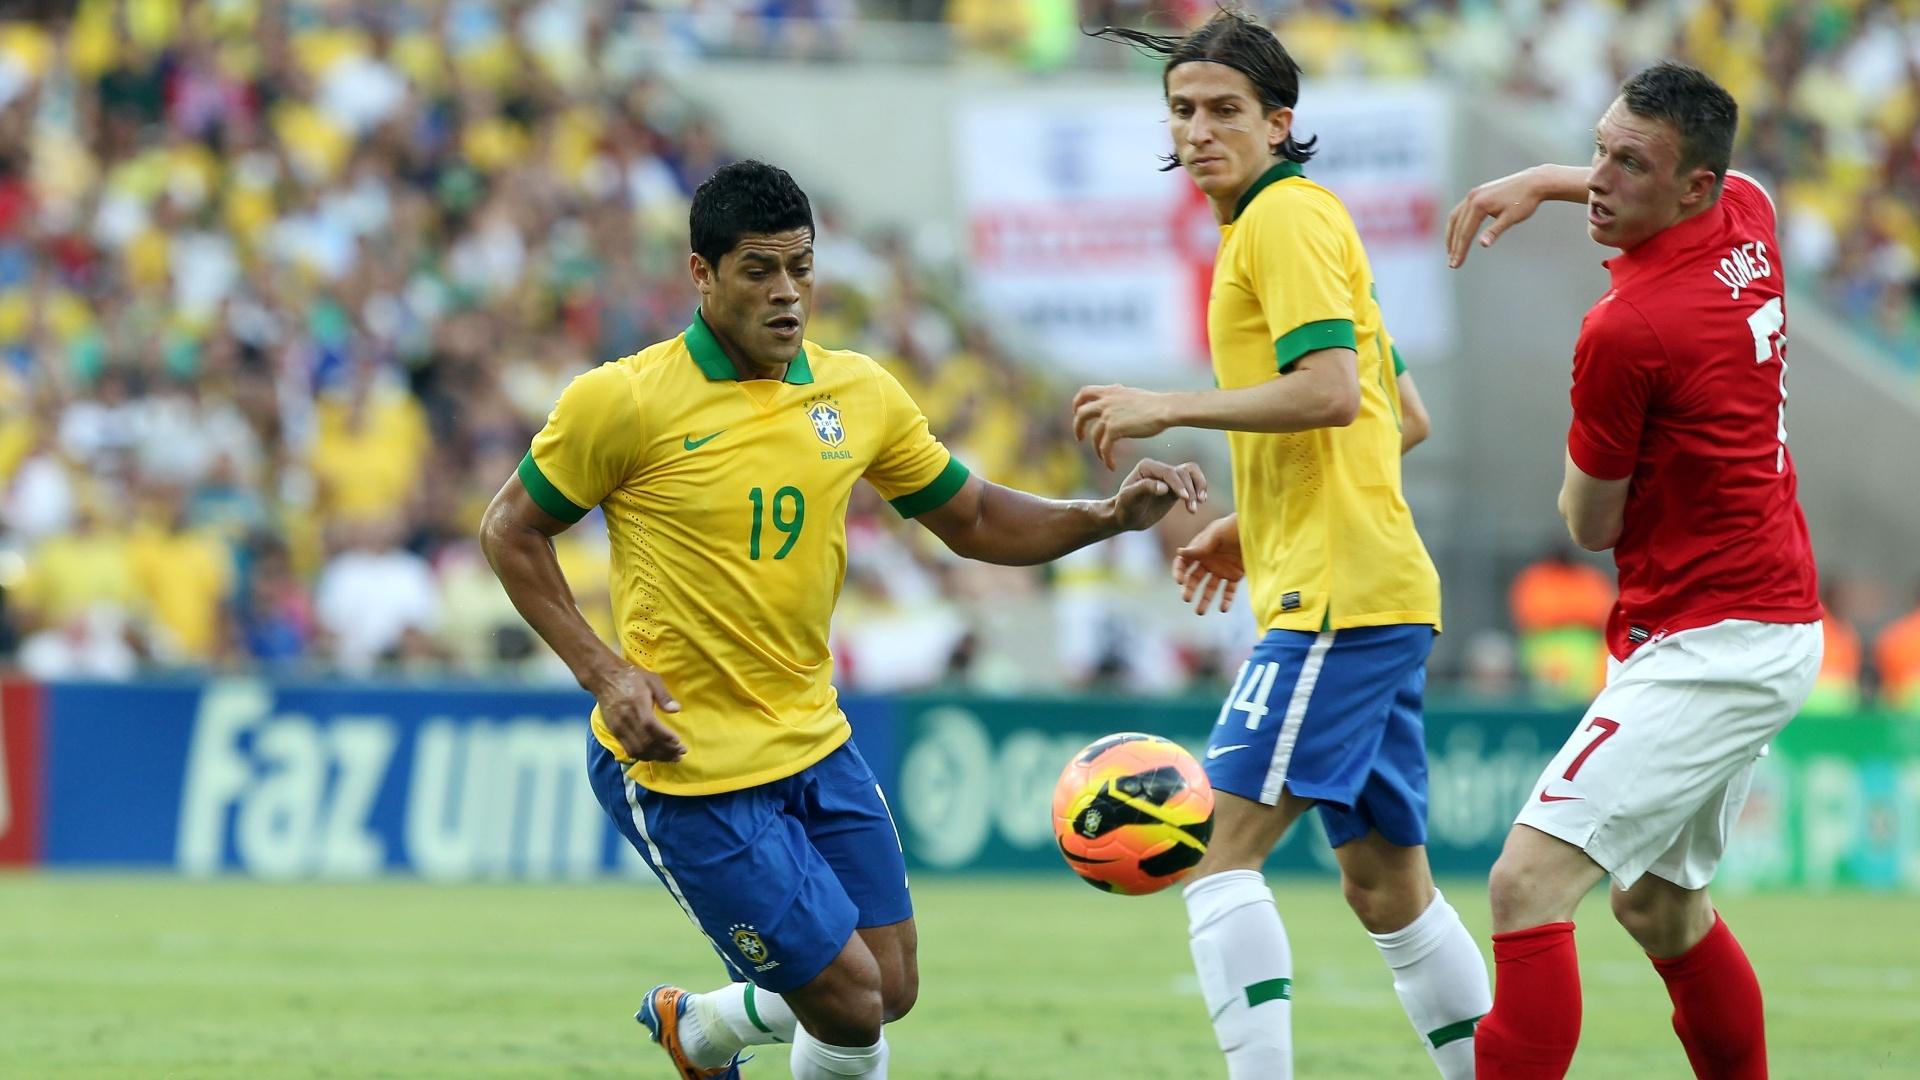 02.jun.2013 - Hulk corre para dominar a bola no jogo contra a Inglaterra no Maracanã